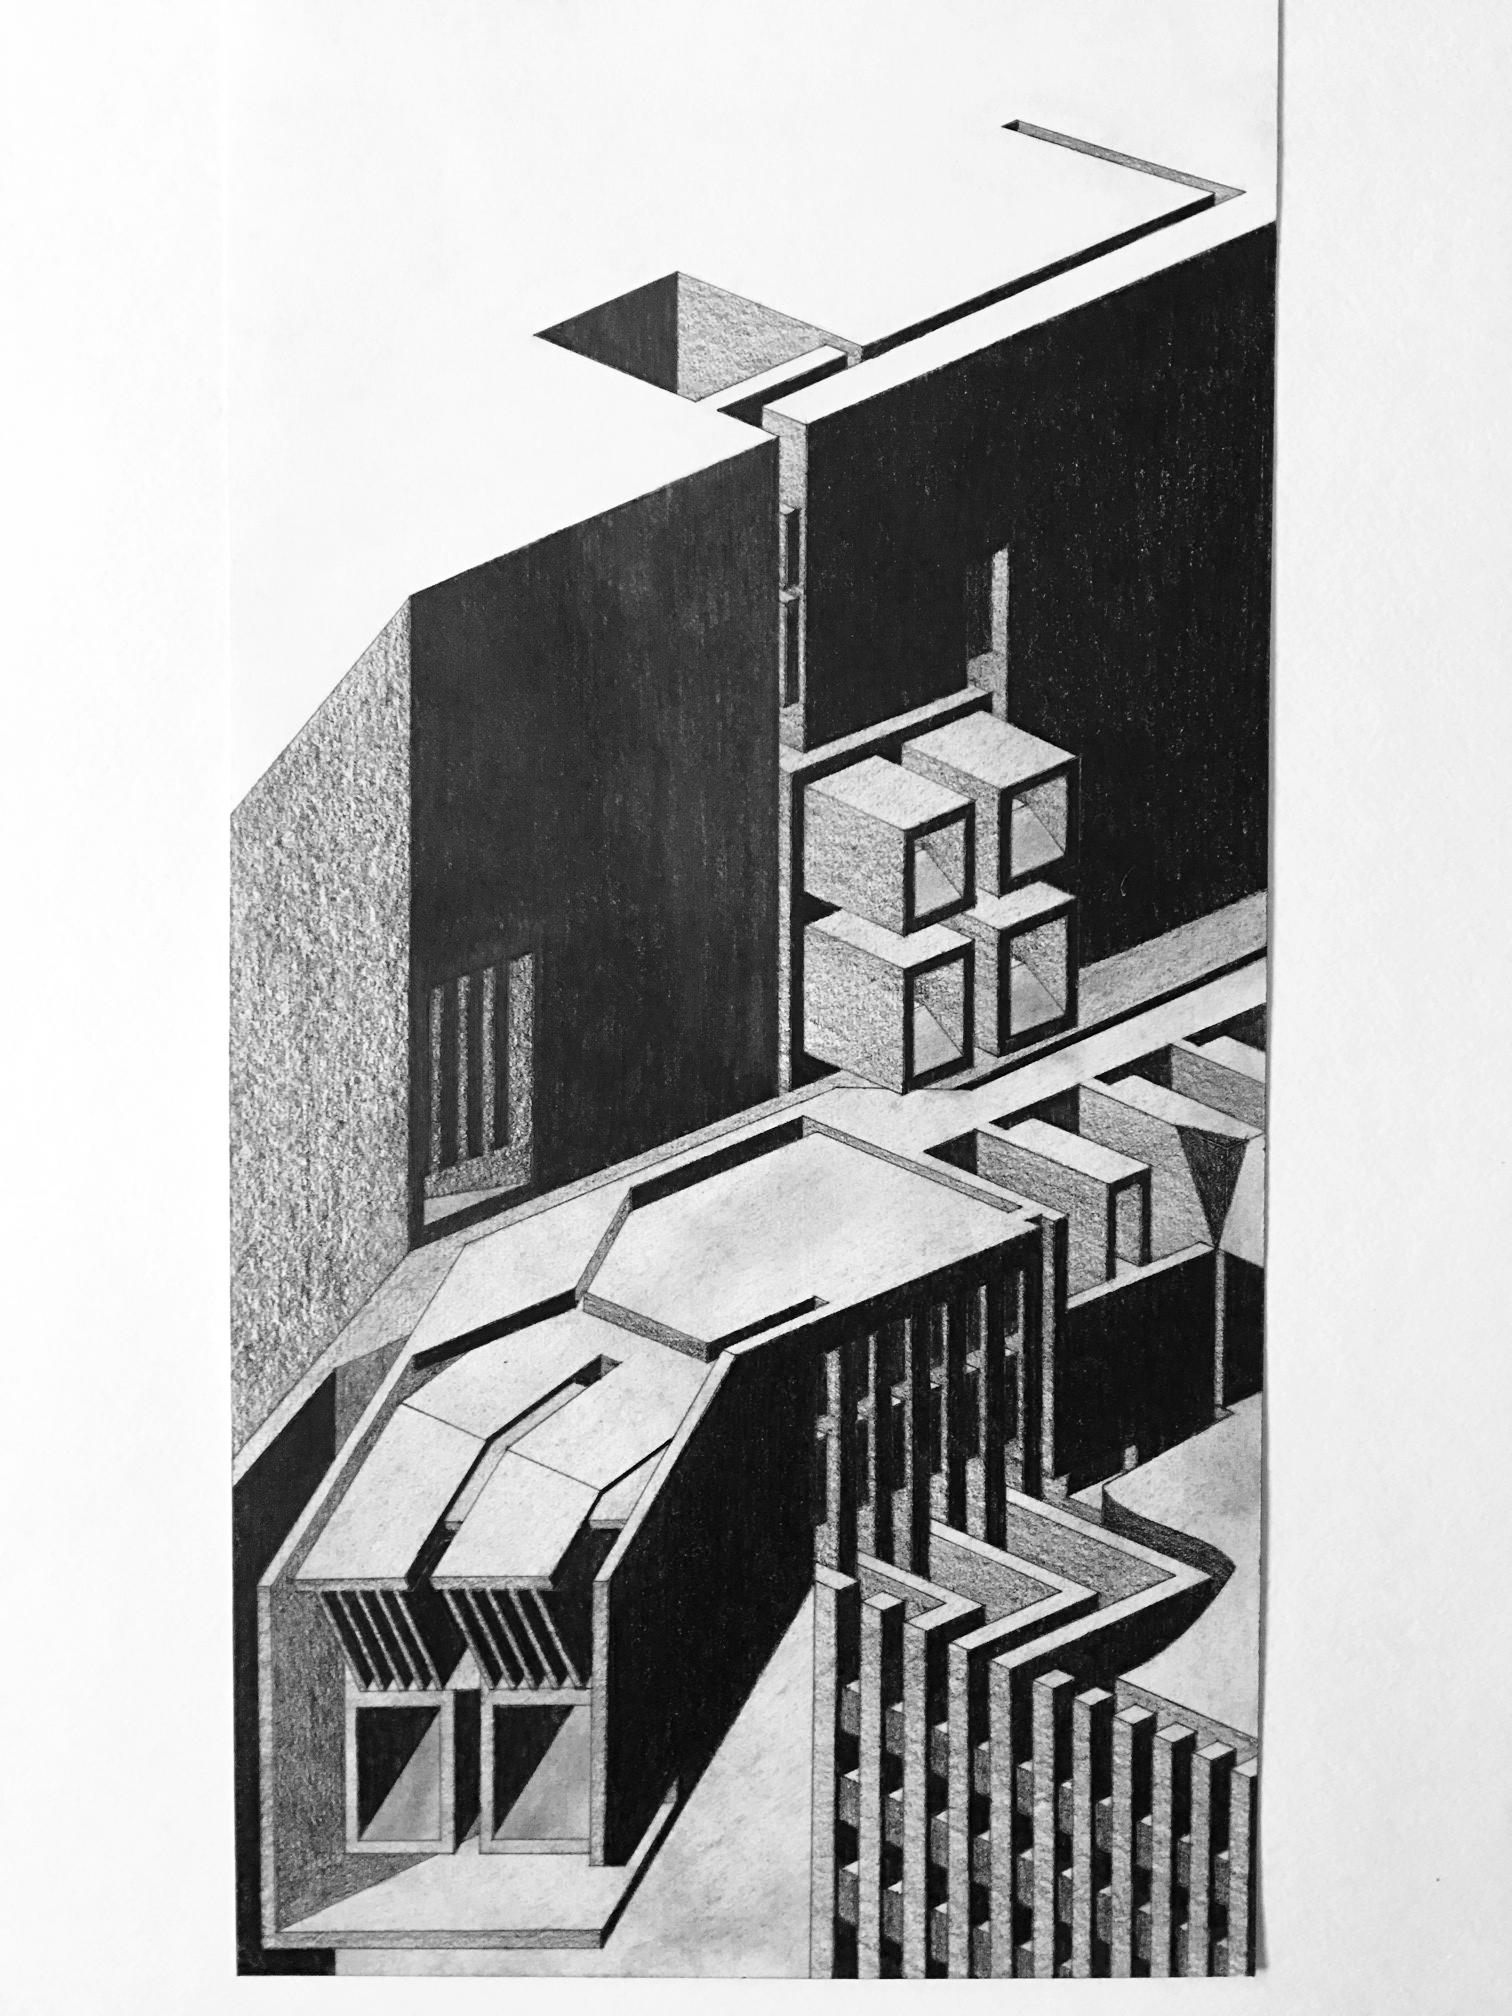 Subterranea 68